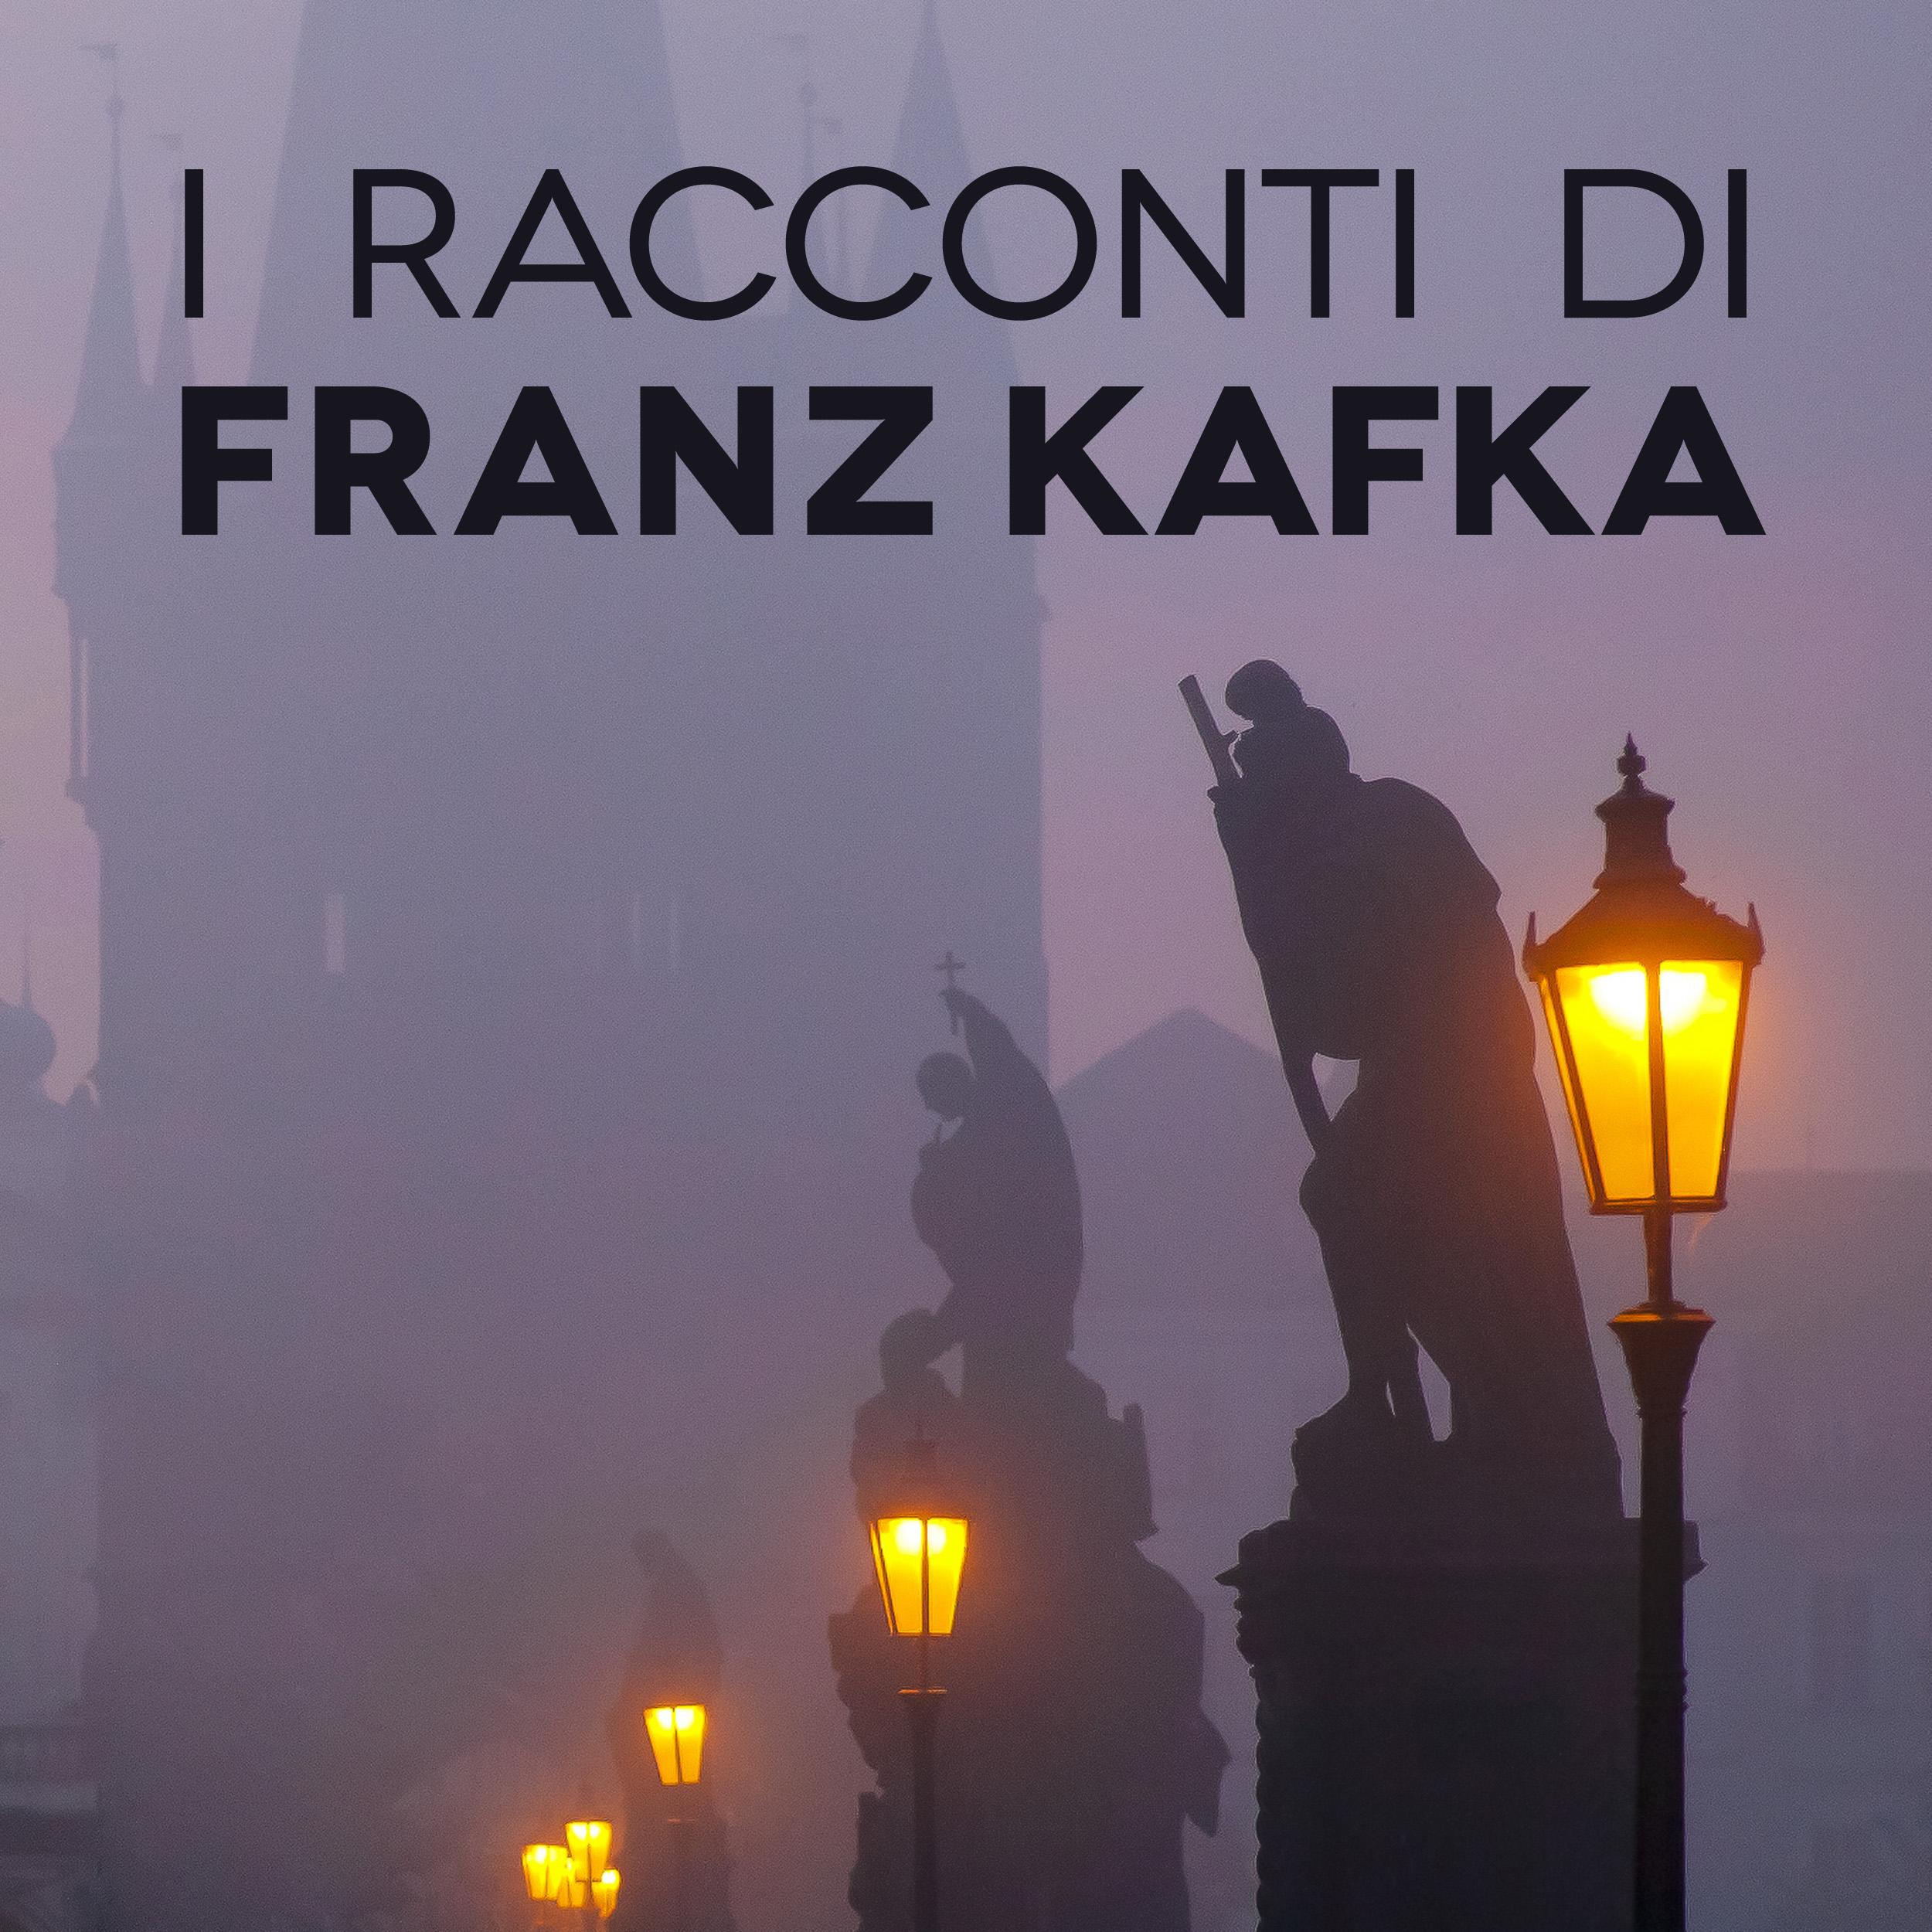 I racconti di Franz Kafka-0